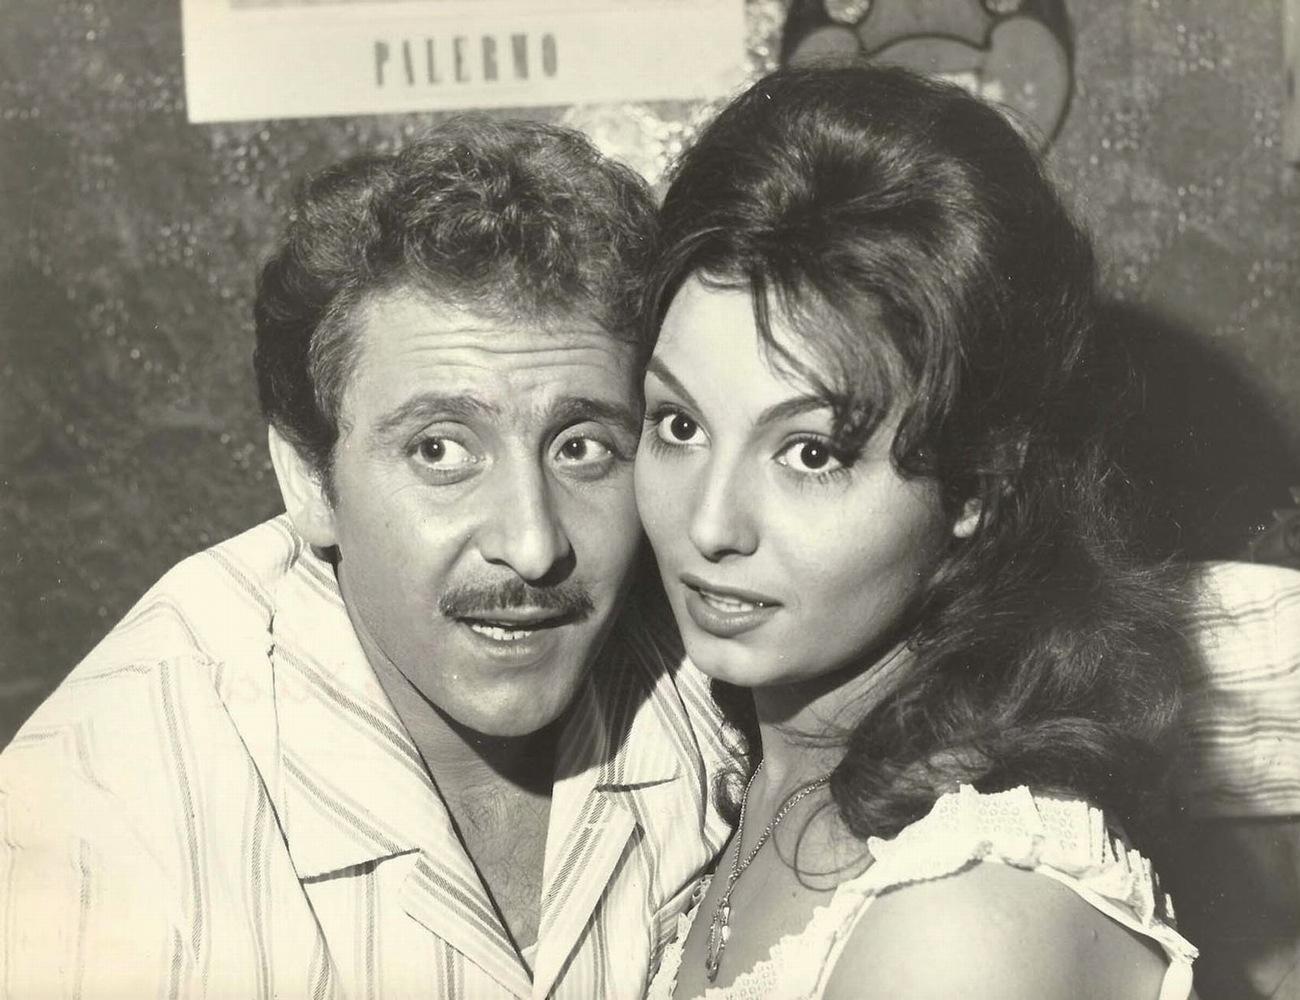 Domenico Modugno and Rosanna Schiaffino in L'onorata società (1961)